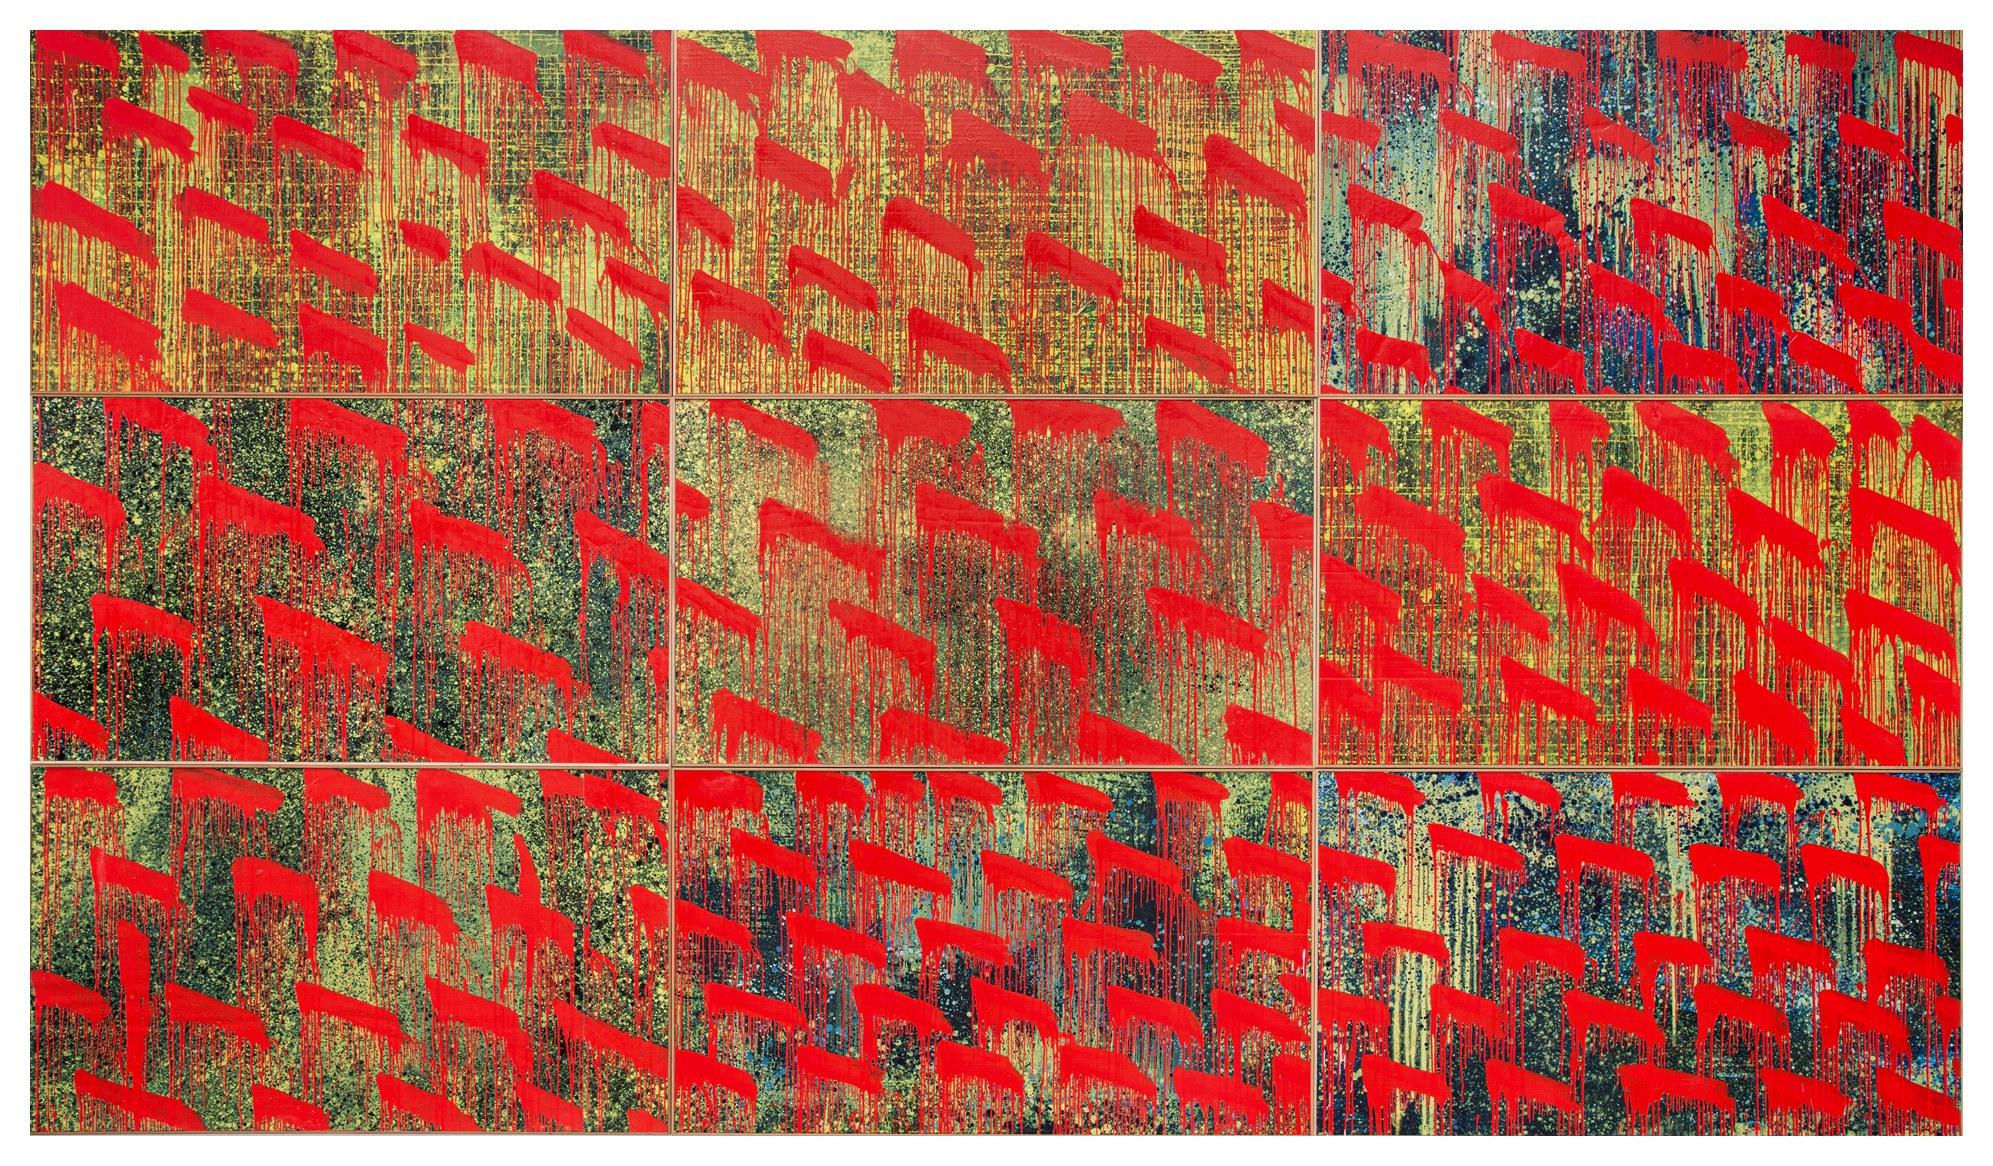 金樽/秋 Jinzun/Autumn 2019 油彩、複合媒材 360cm x 630cm